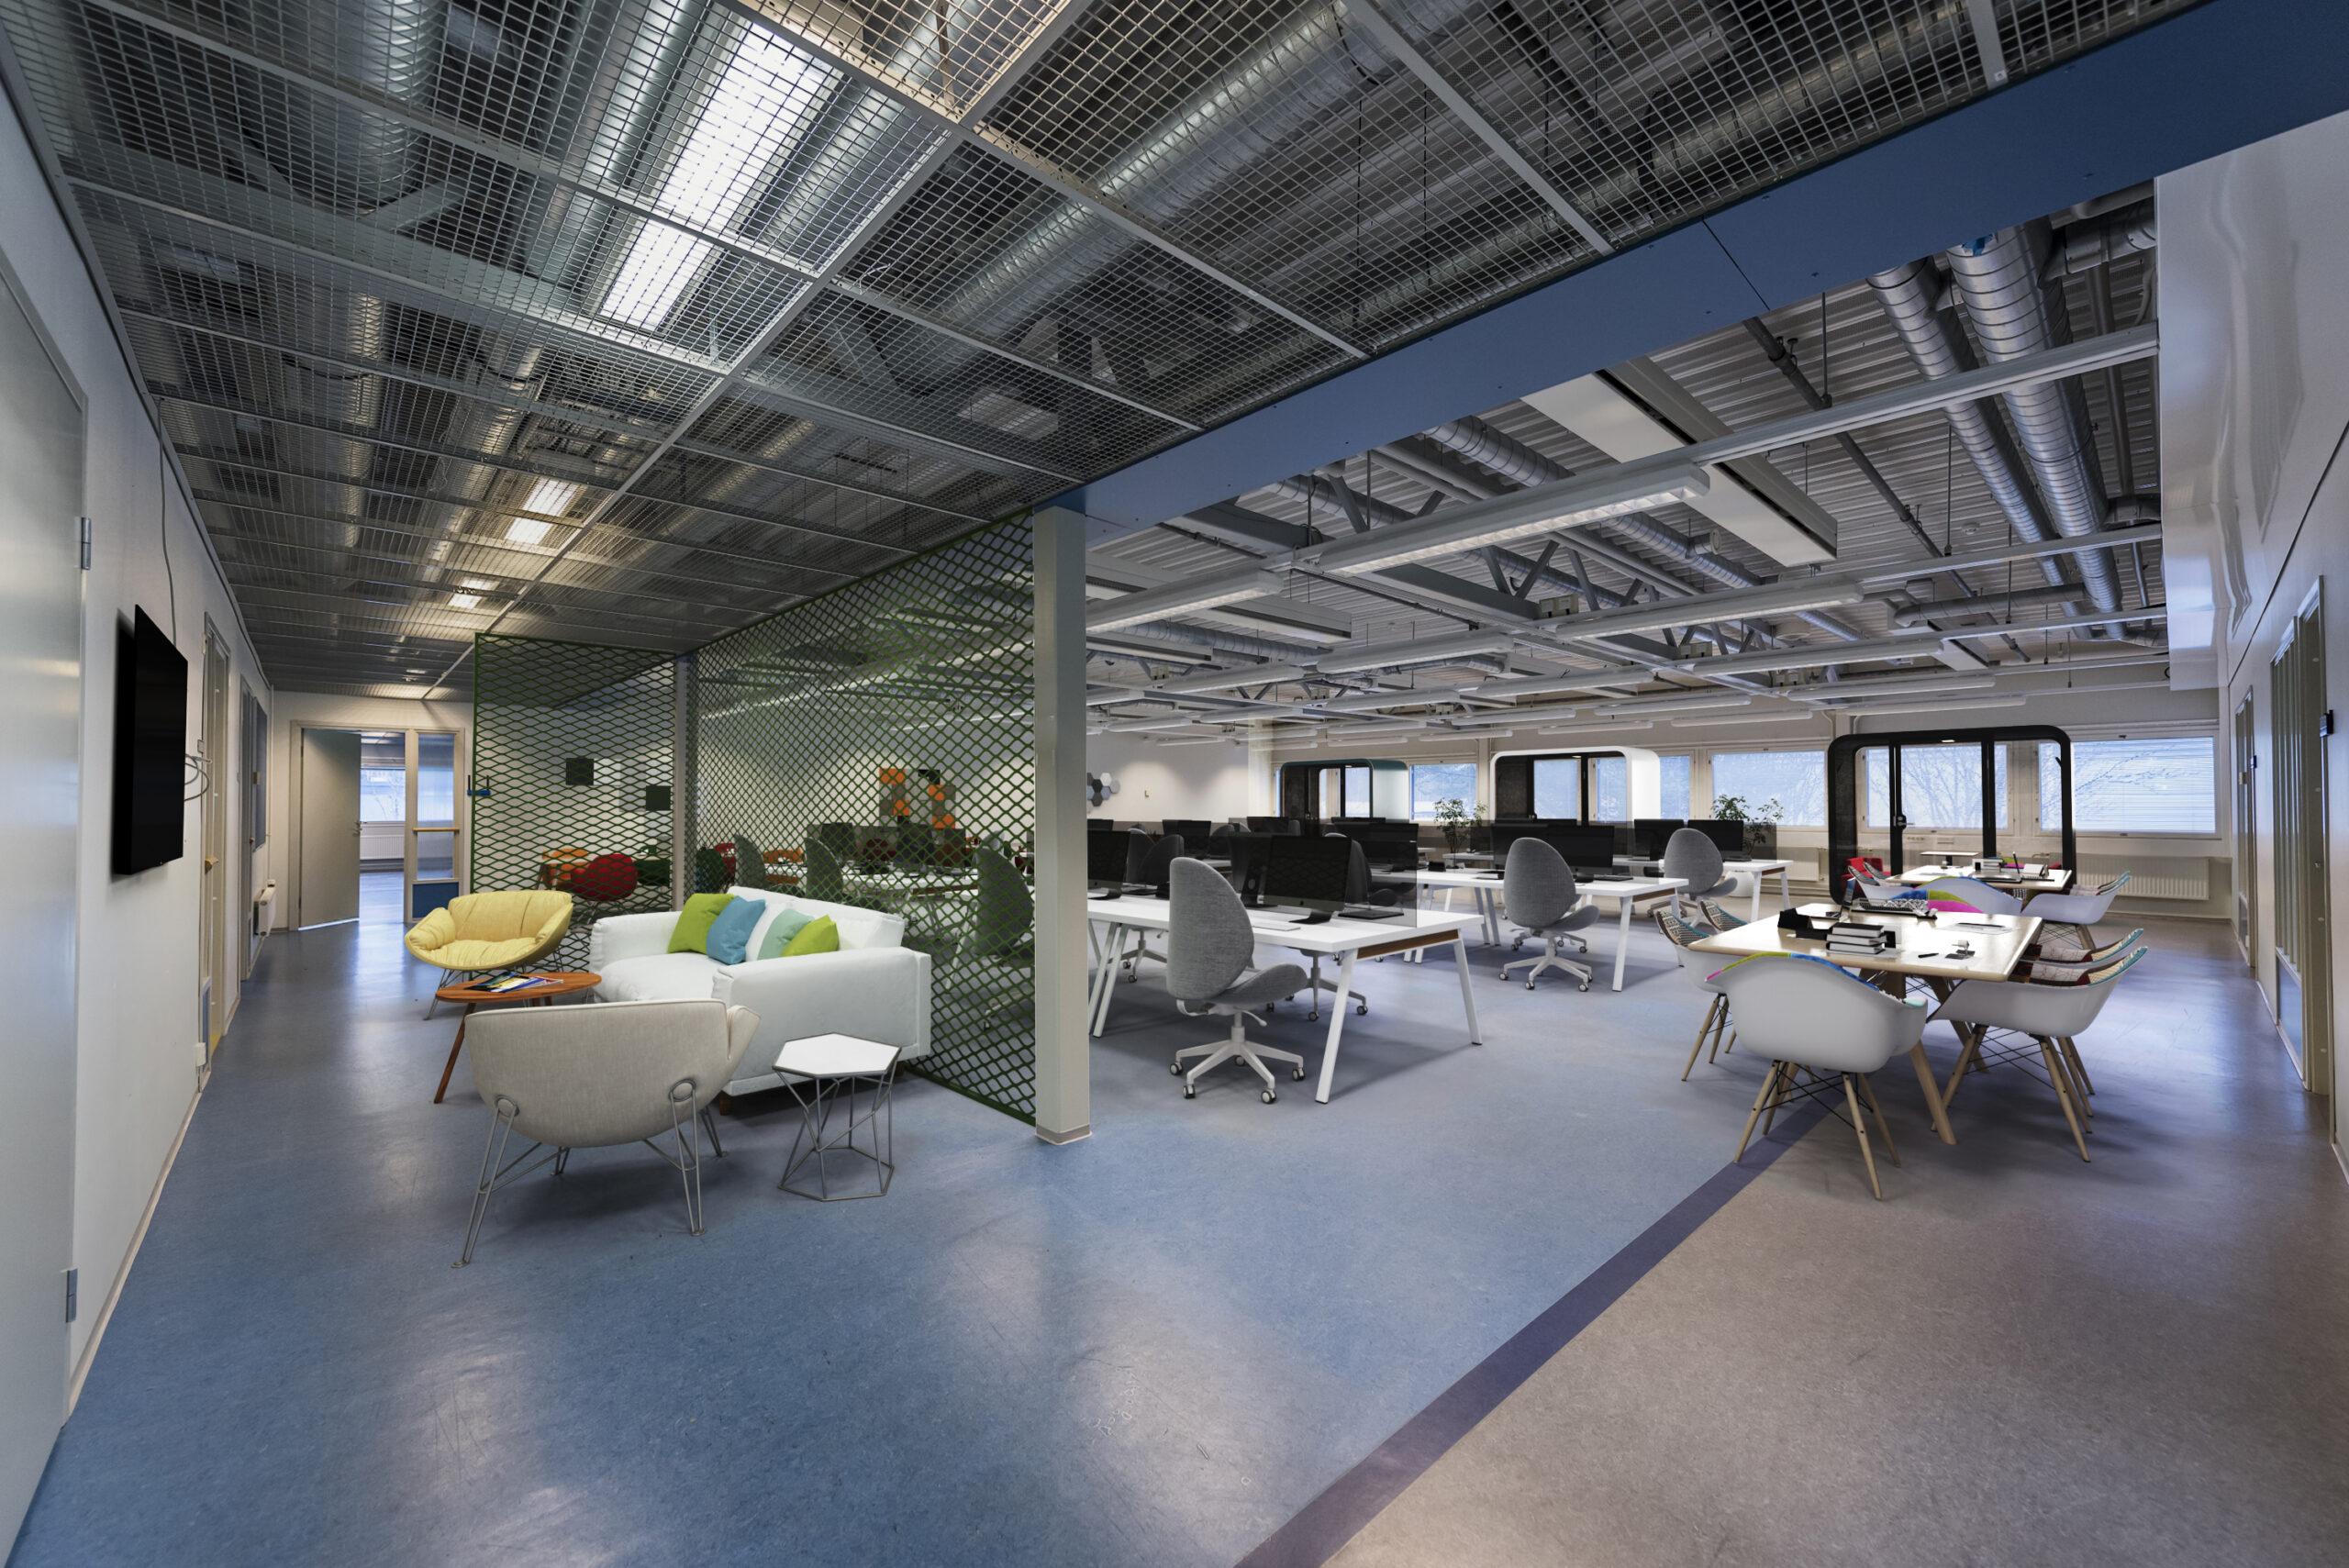 Digitaalisesti stailattu esimerkki modernista monitilatoimistosta (Toimitilat Oulu). Suuri sisätila, jossa on erilaisia tiloja ja työpisteitä työn tekemiselle ja tauoille. Oikeassa reunassa kaksi tiimityöpistettä. Vasemmassa reunassa väliseinällä erotettu taukopiste, jossa sohvia ja älytelevisio. Taustalla työpisteitä.